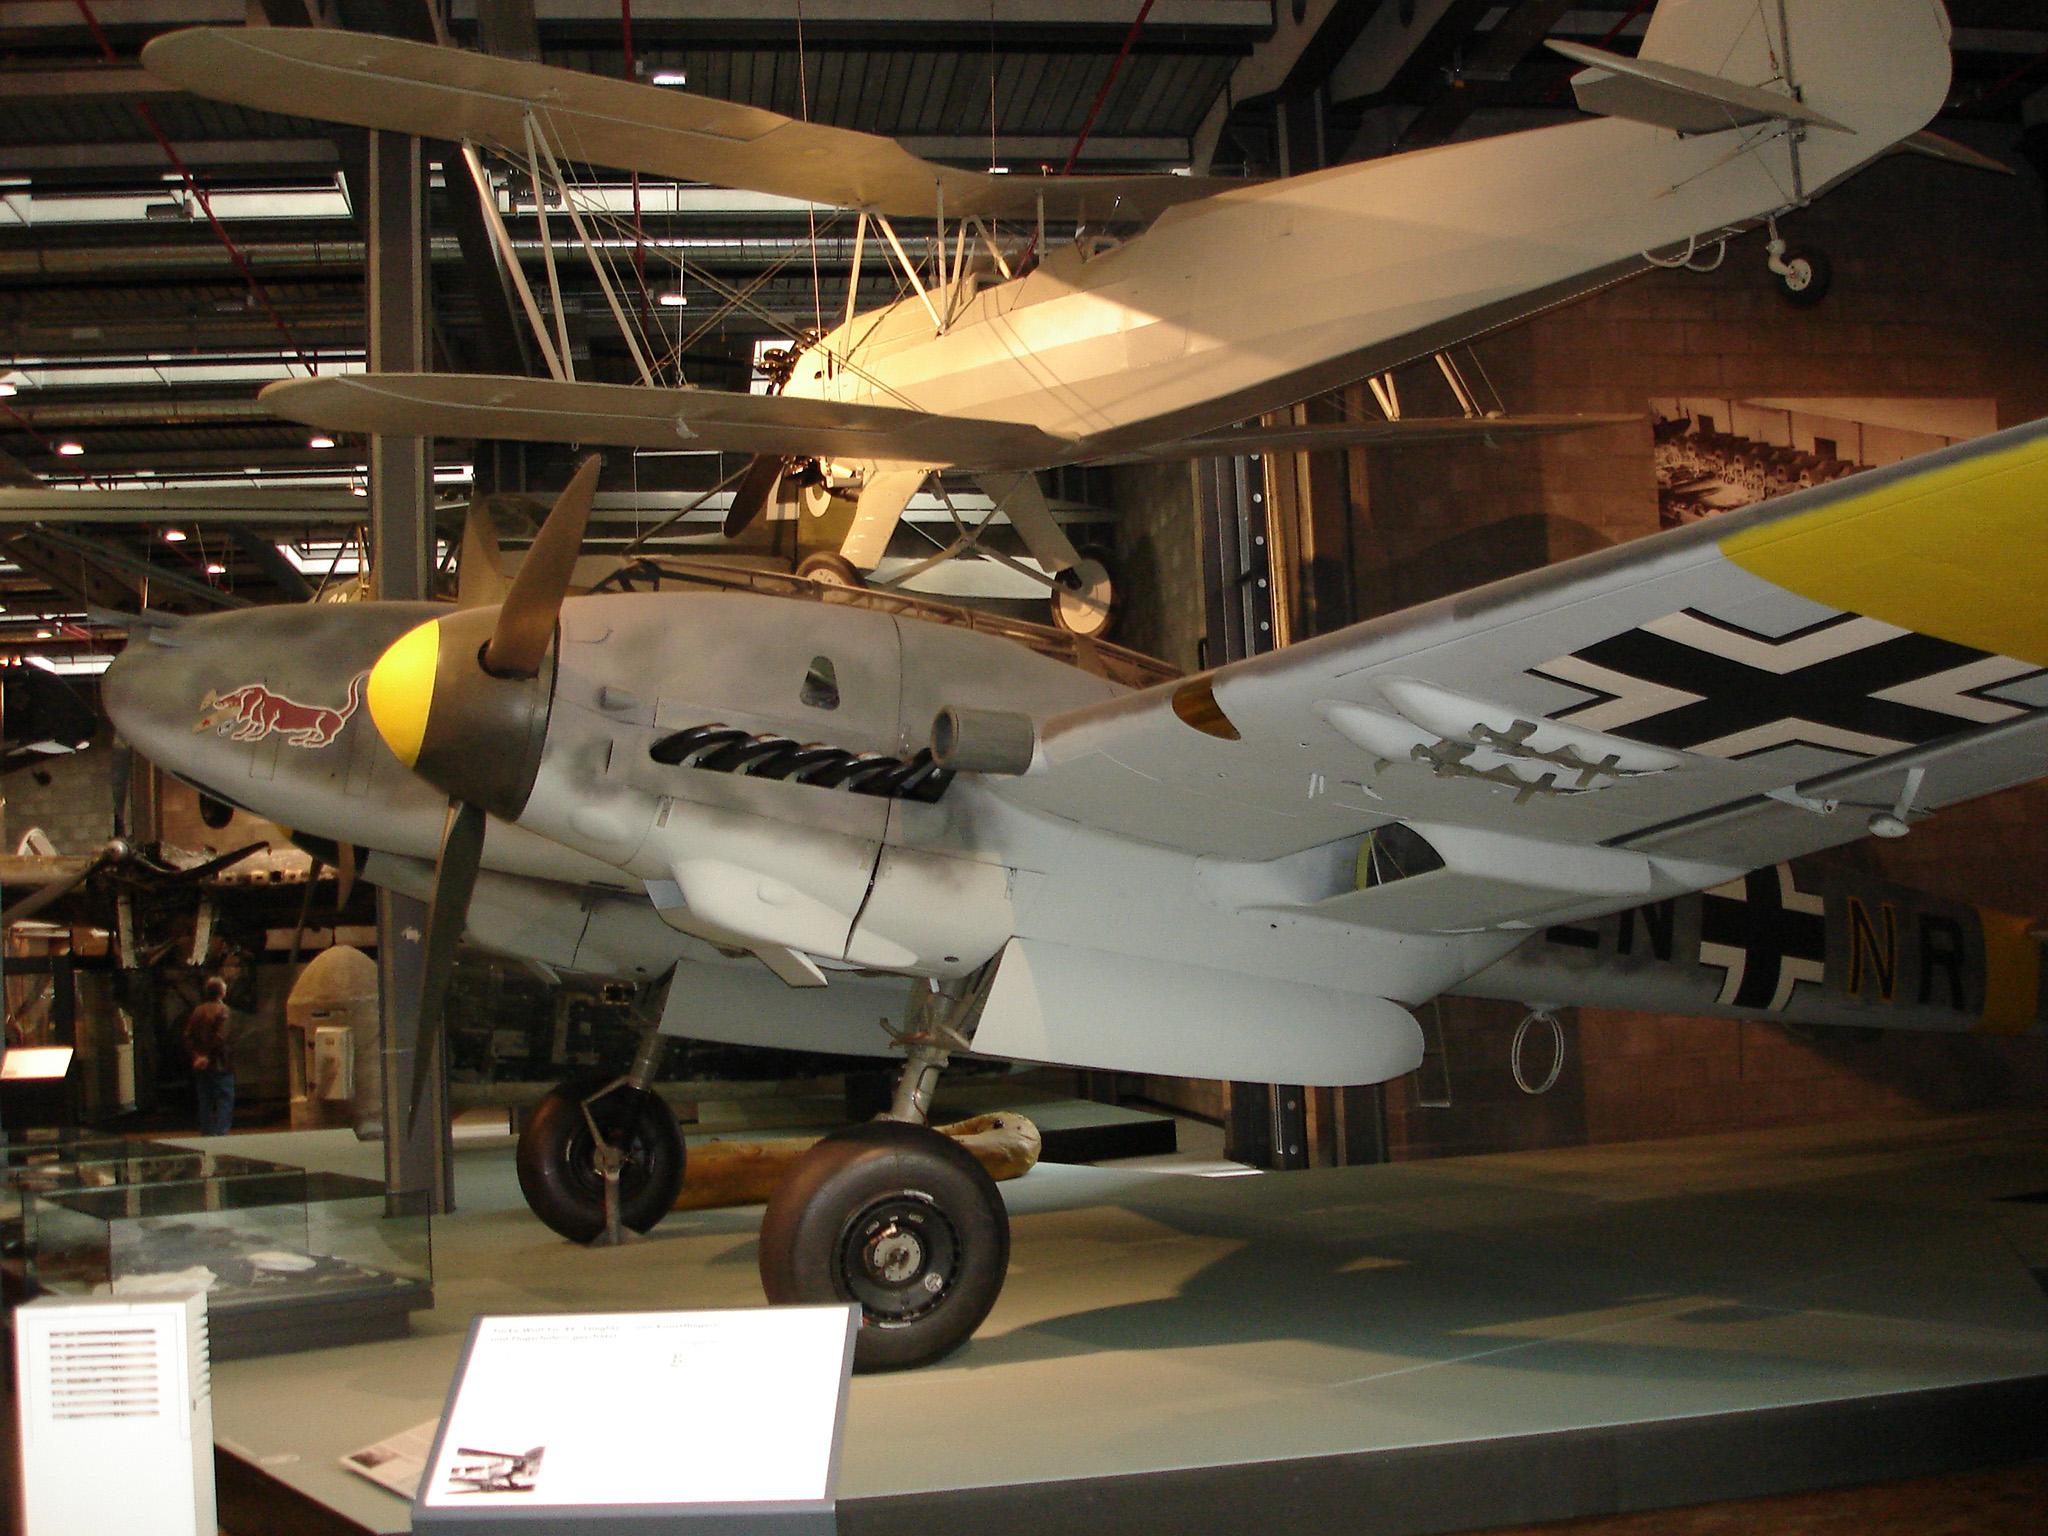 Messerschmitt Bf 110 G-4  Werk Nr 5052  El emblema del morro le identifica como perteneciente a la Staffel 10.(Z)/JG 5, el escuadrón 10 – independiente – de Zerstorer (destructores, esto es, cazas pesados bimotores) de la escuadra de caza 5 -de cazas monomotores-.